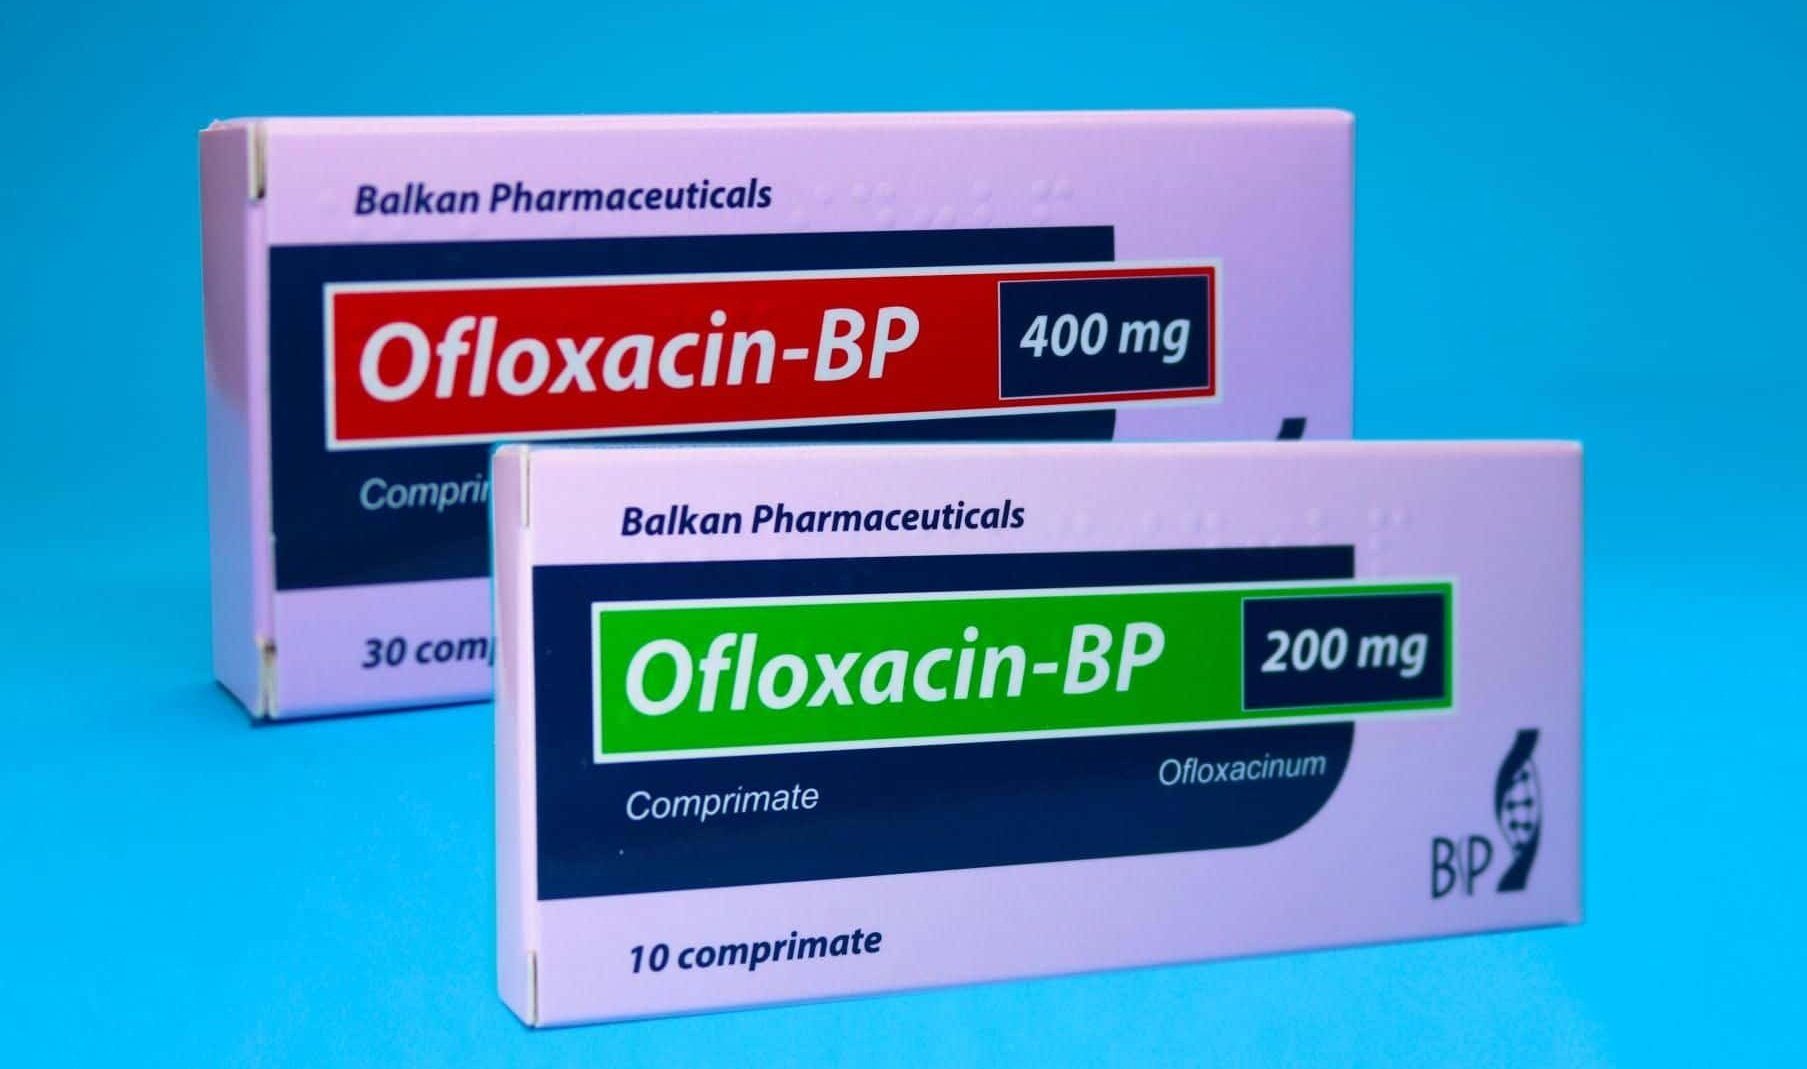 Офлоксацин при простатите: схема лечения и особенности применения || Офлоксацин или левофлоксацин при простатите что лучше